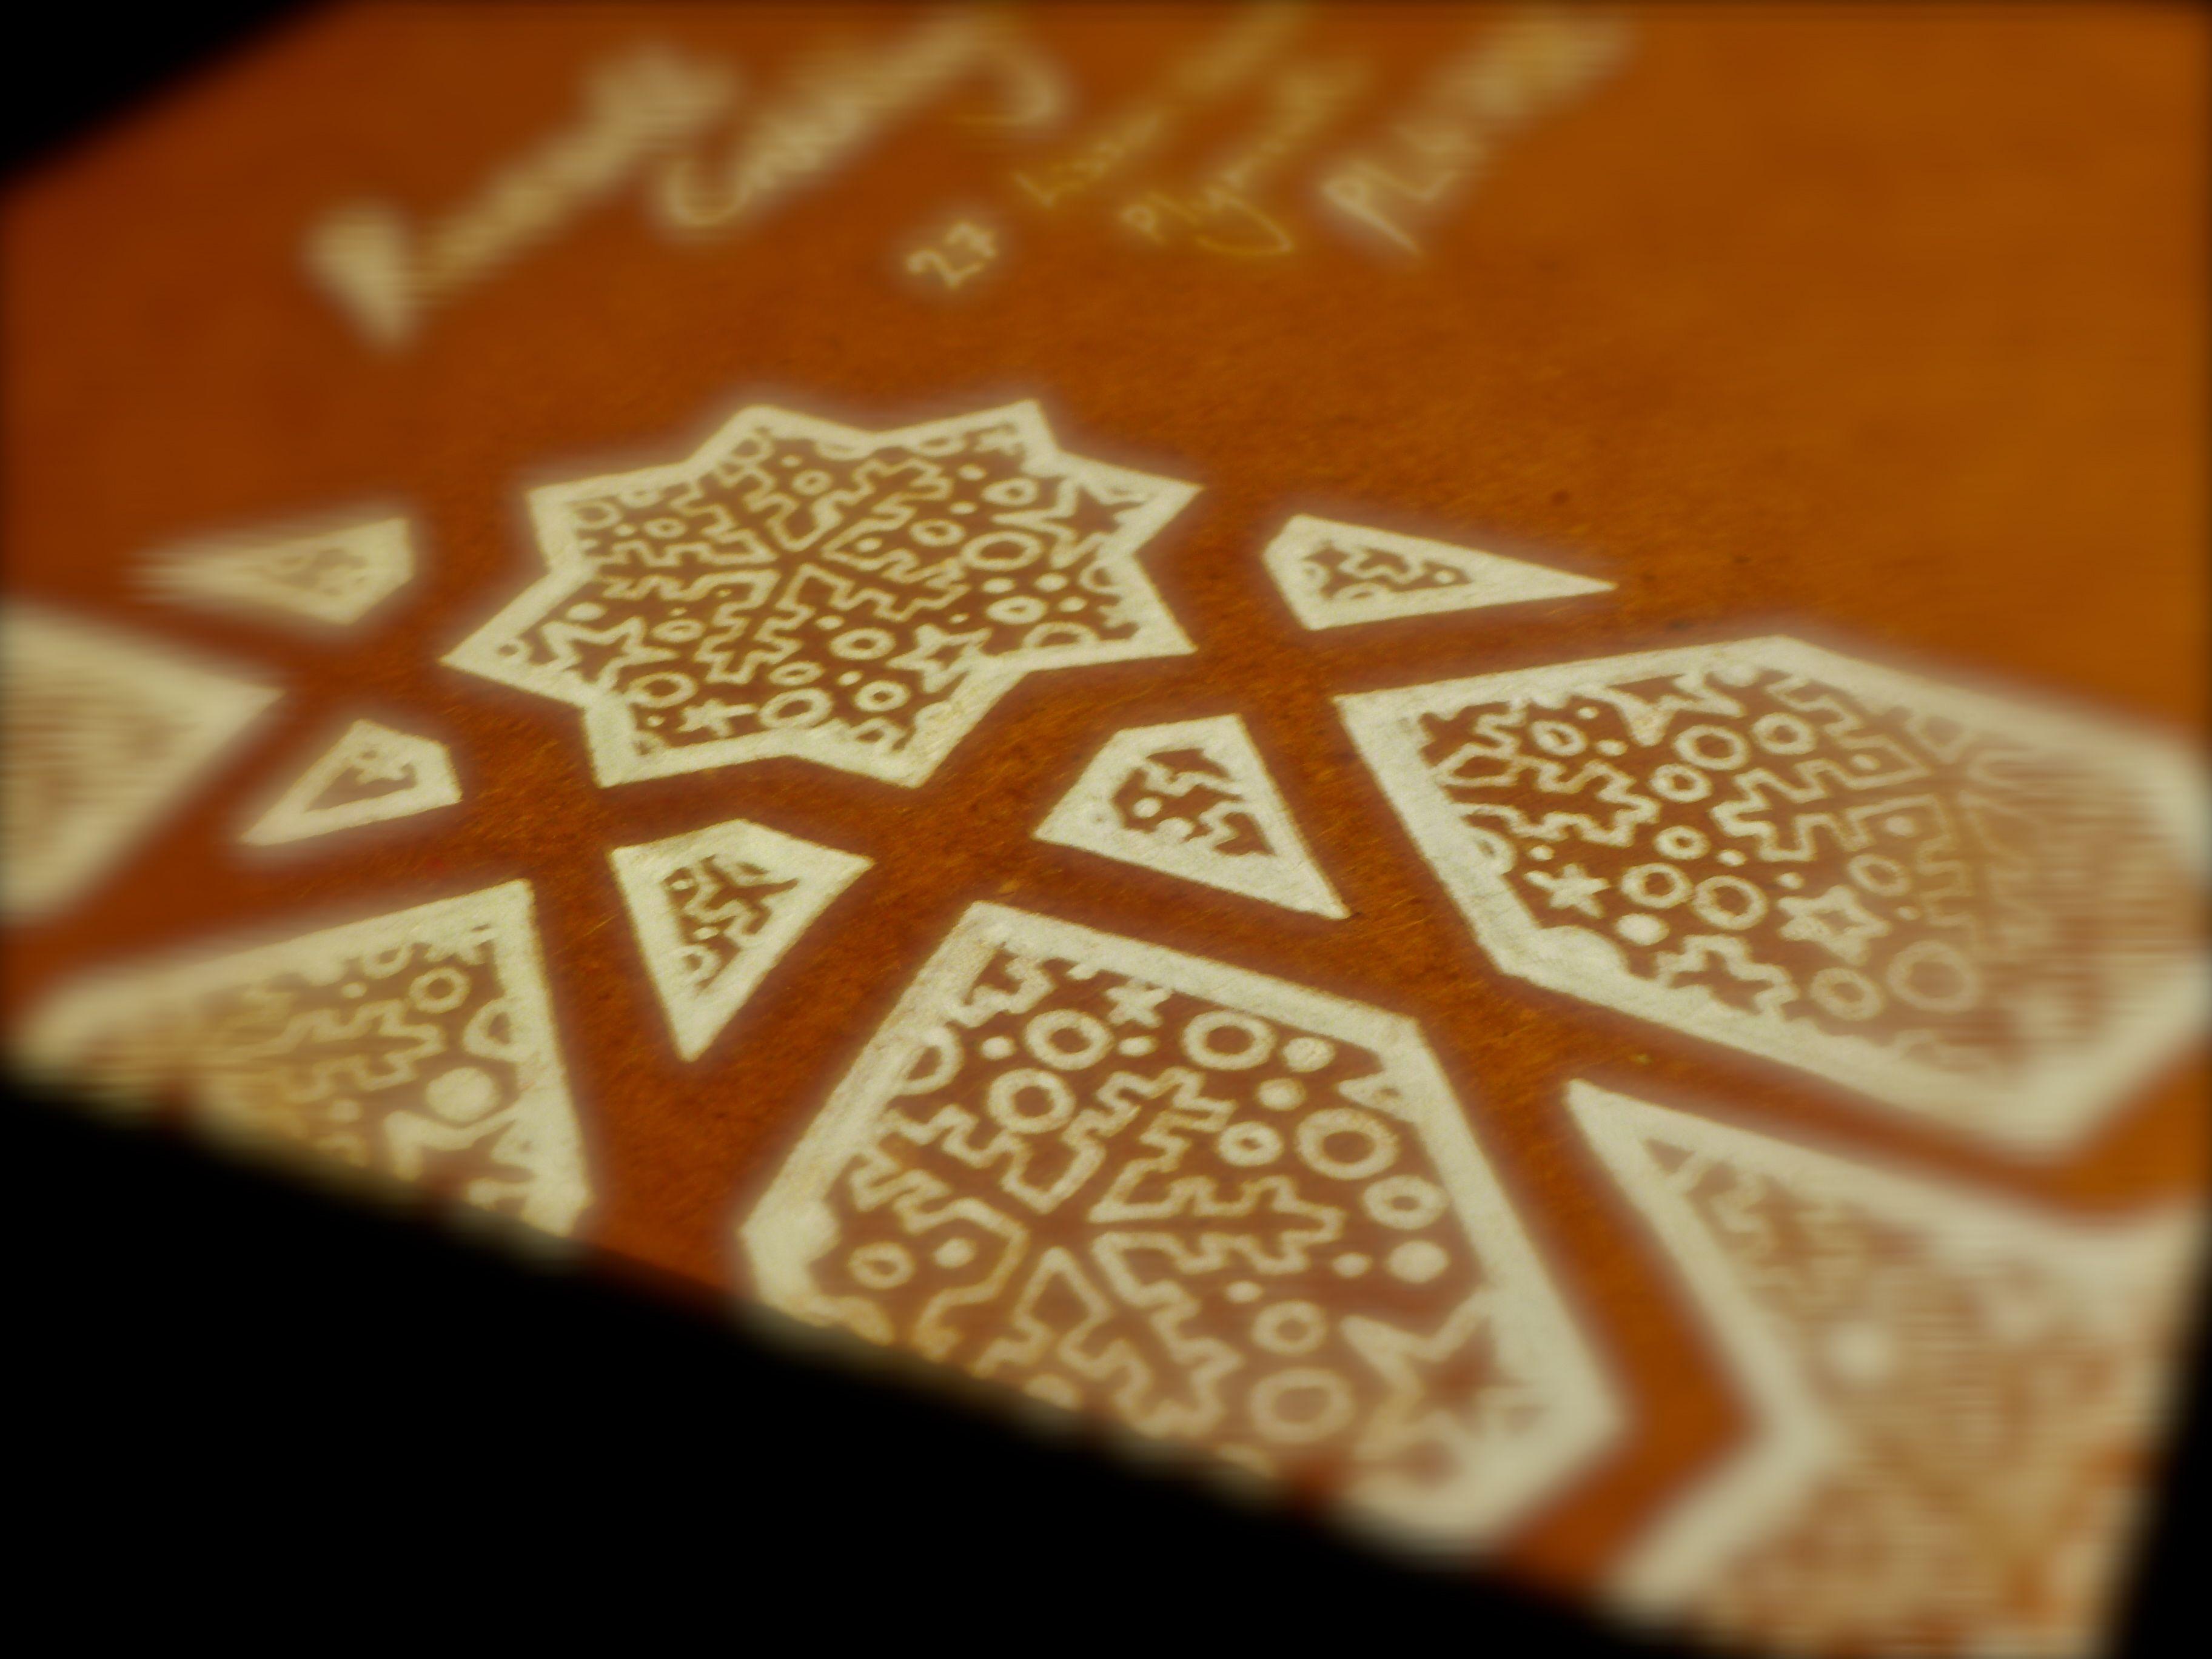 Kumpulan Foto Gambar Komik Dan Wallpaper Untuk Dakwah Islami